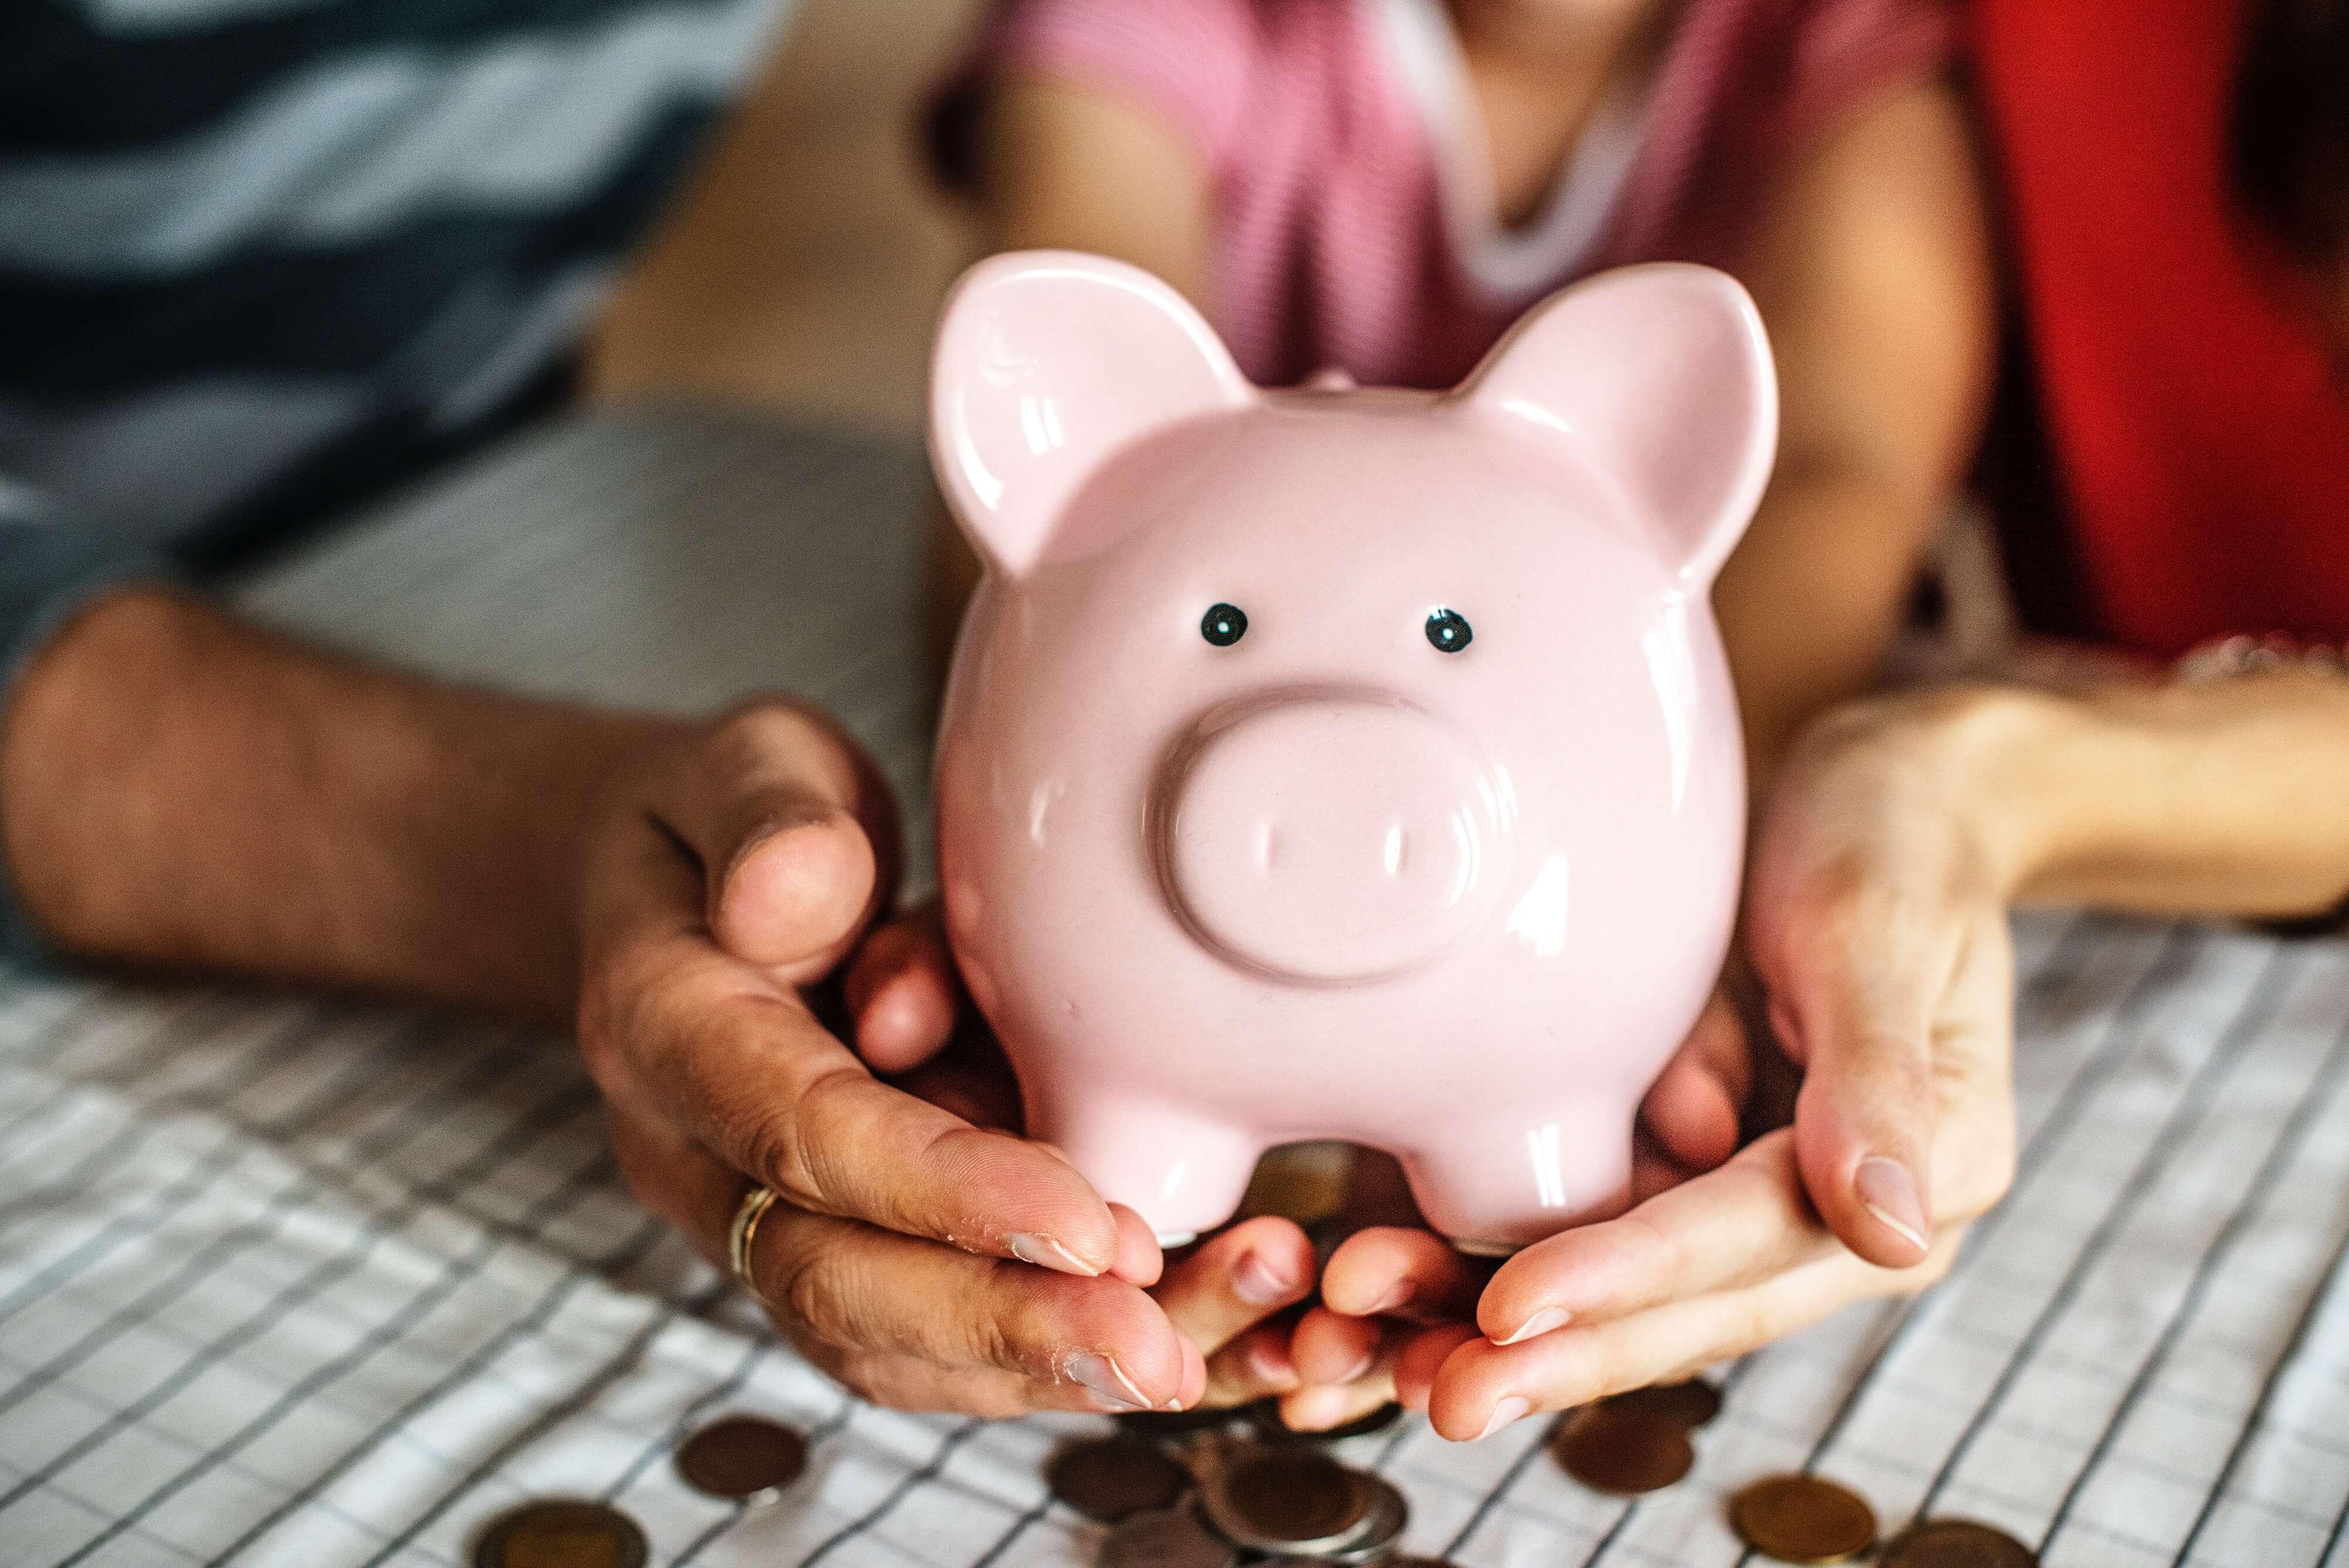 Perspektiven_Umfrage Weiterbildung Investition